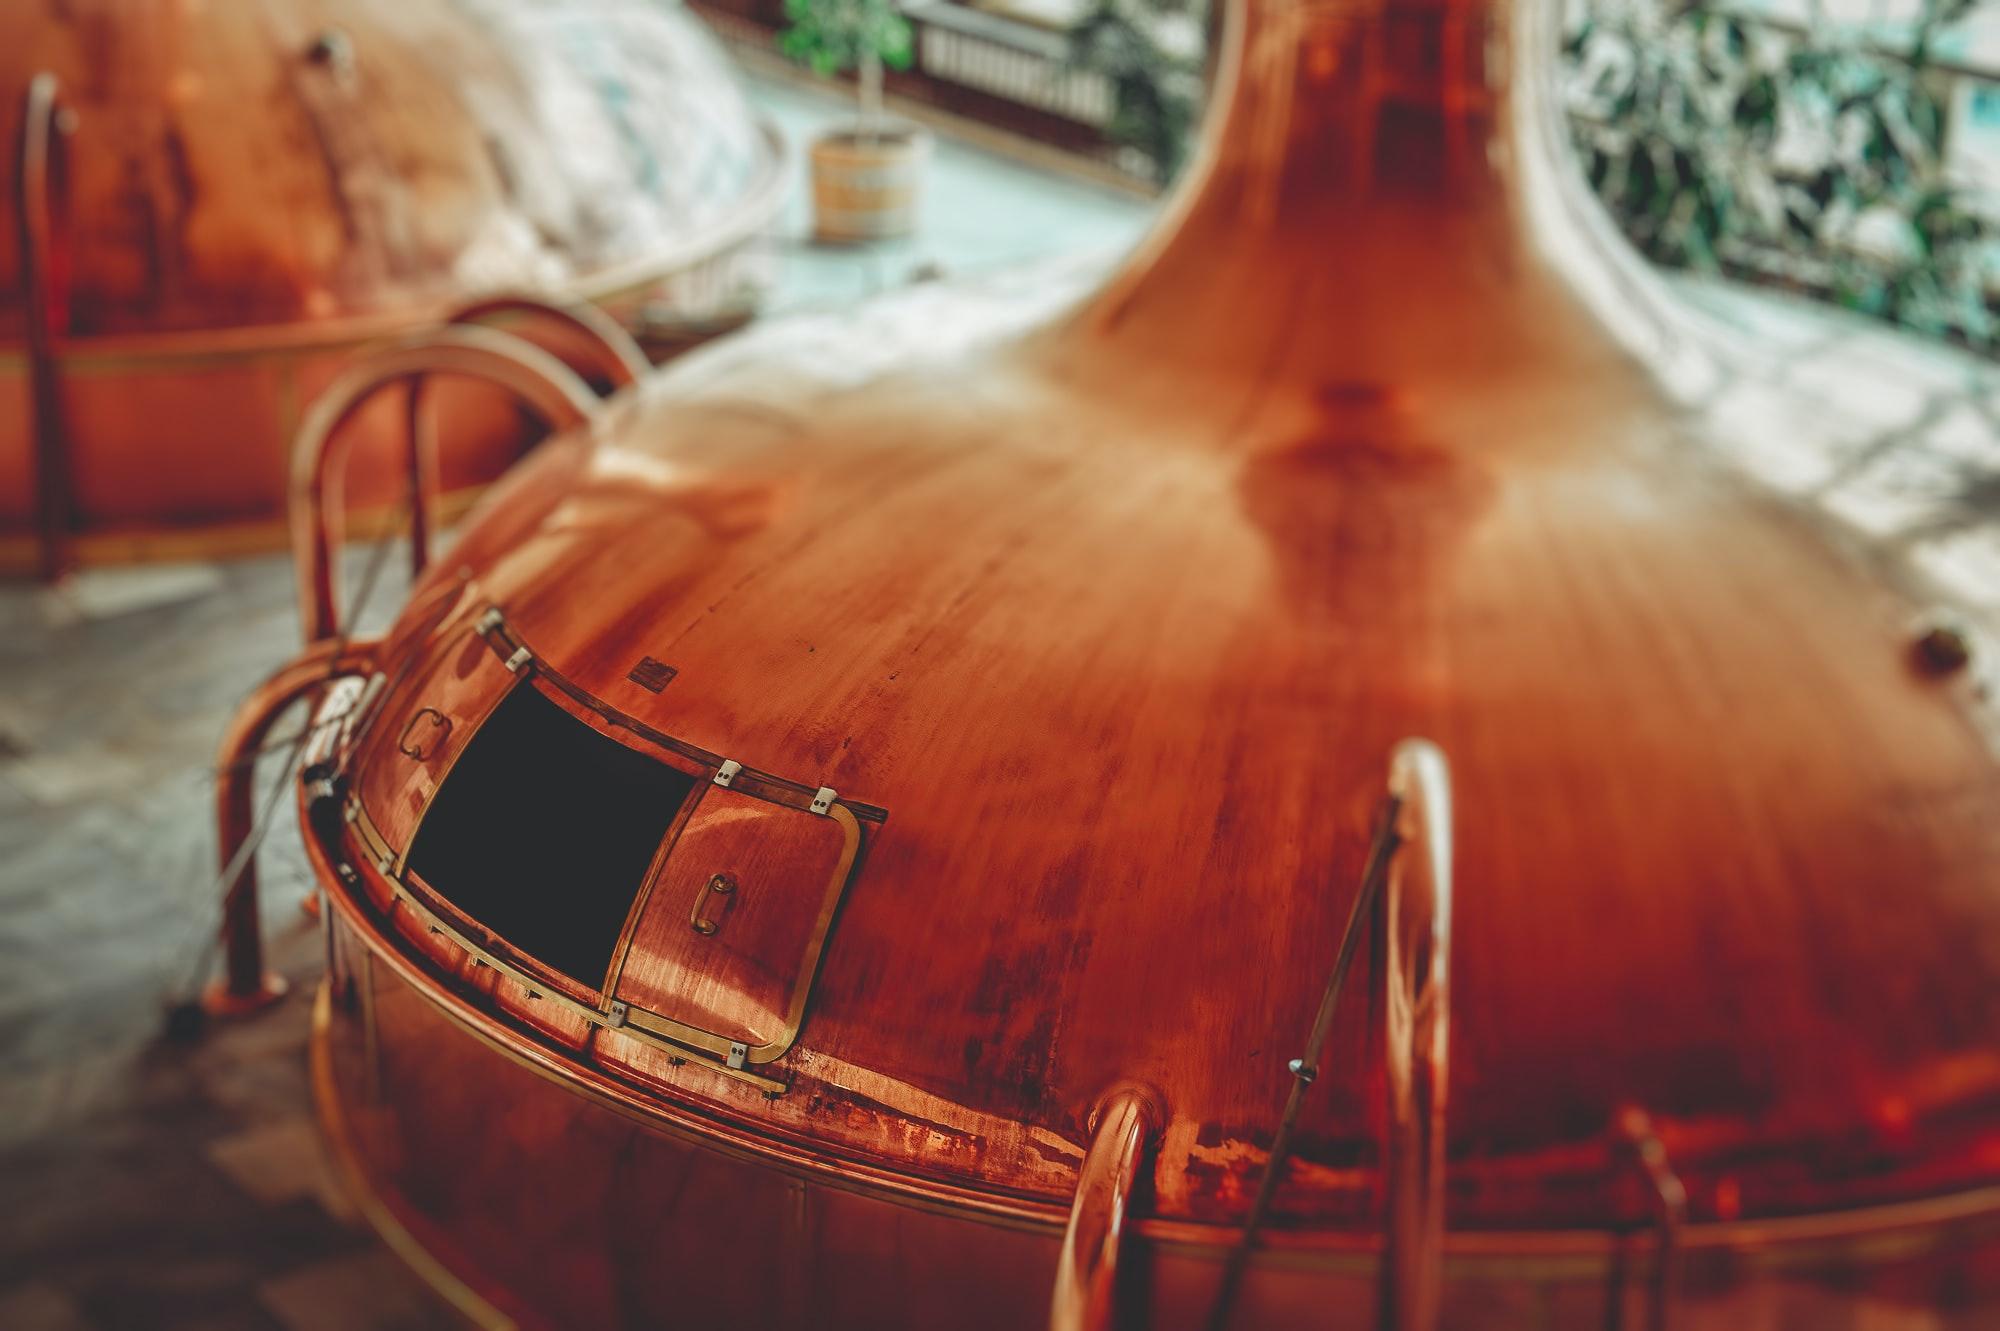 Gros contenant pour distillateur